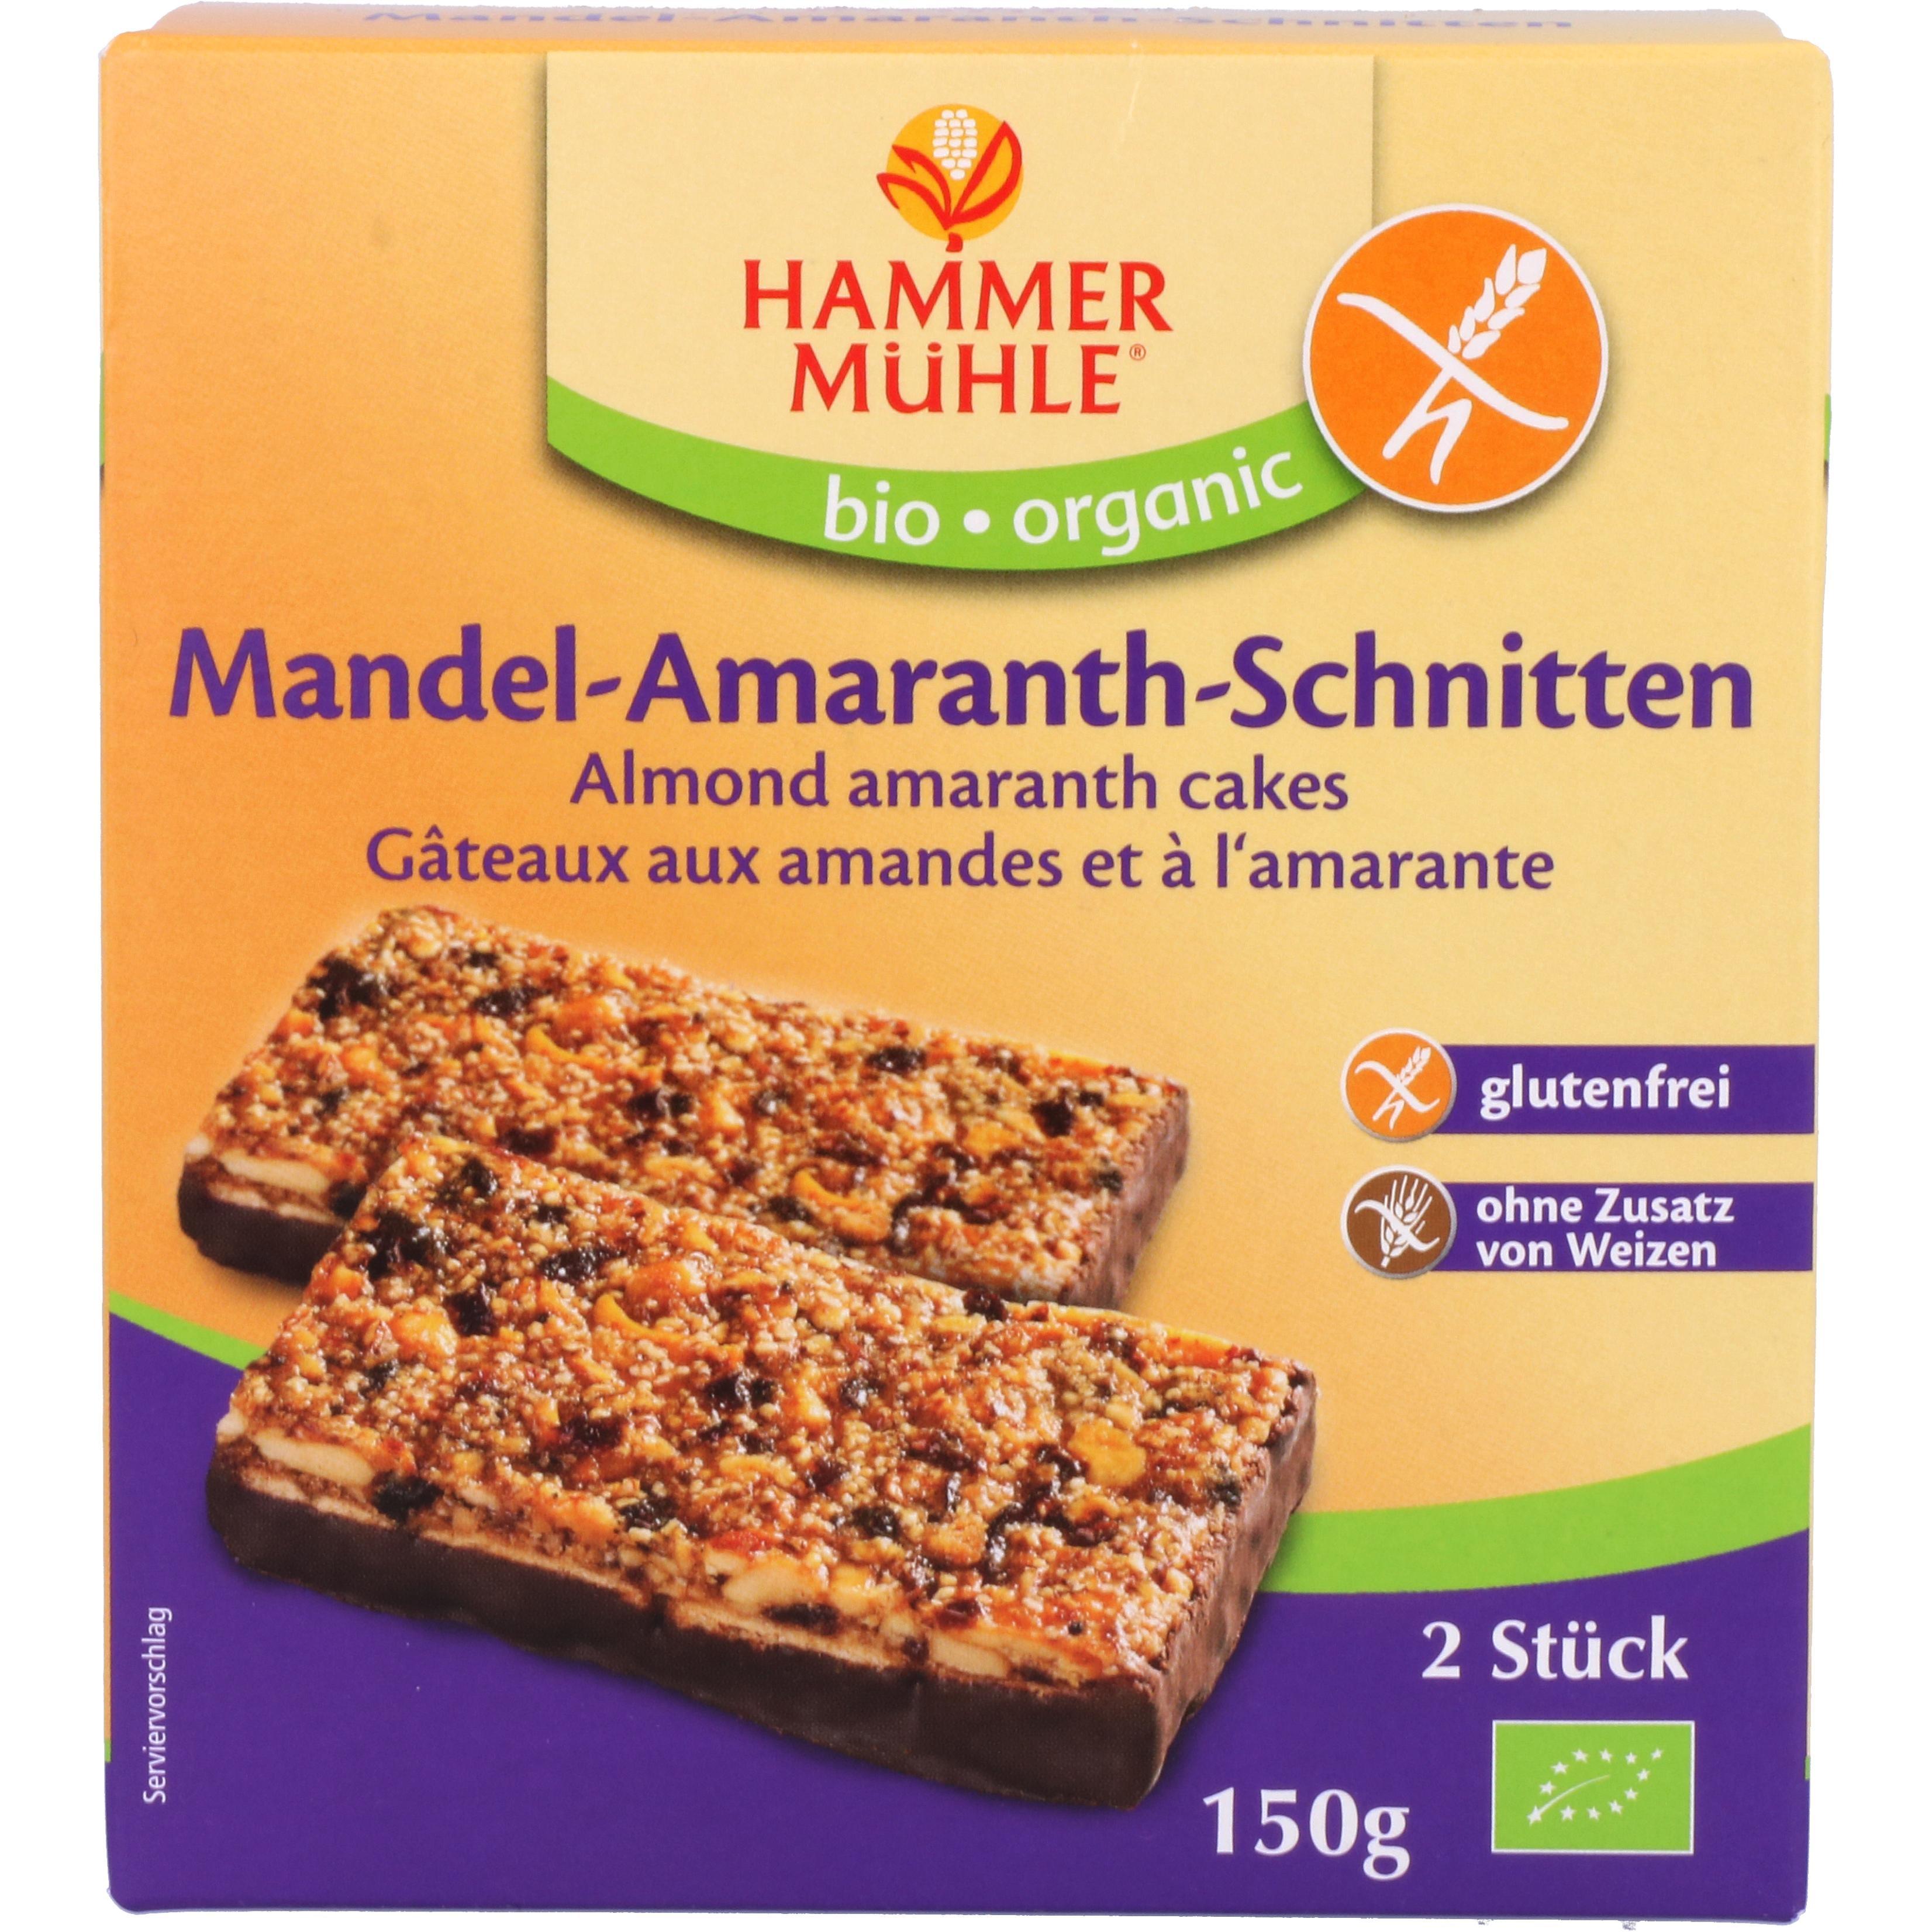 Hammermühle Organic Mandel-Amaranth-Schnitten 150g